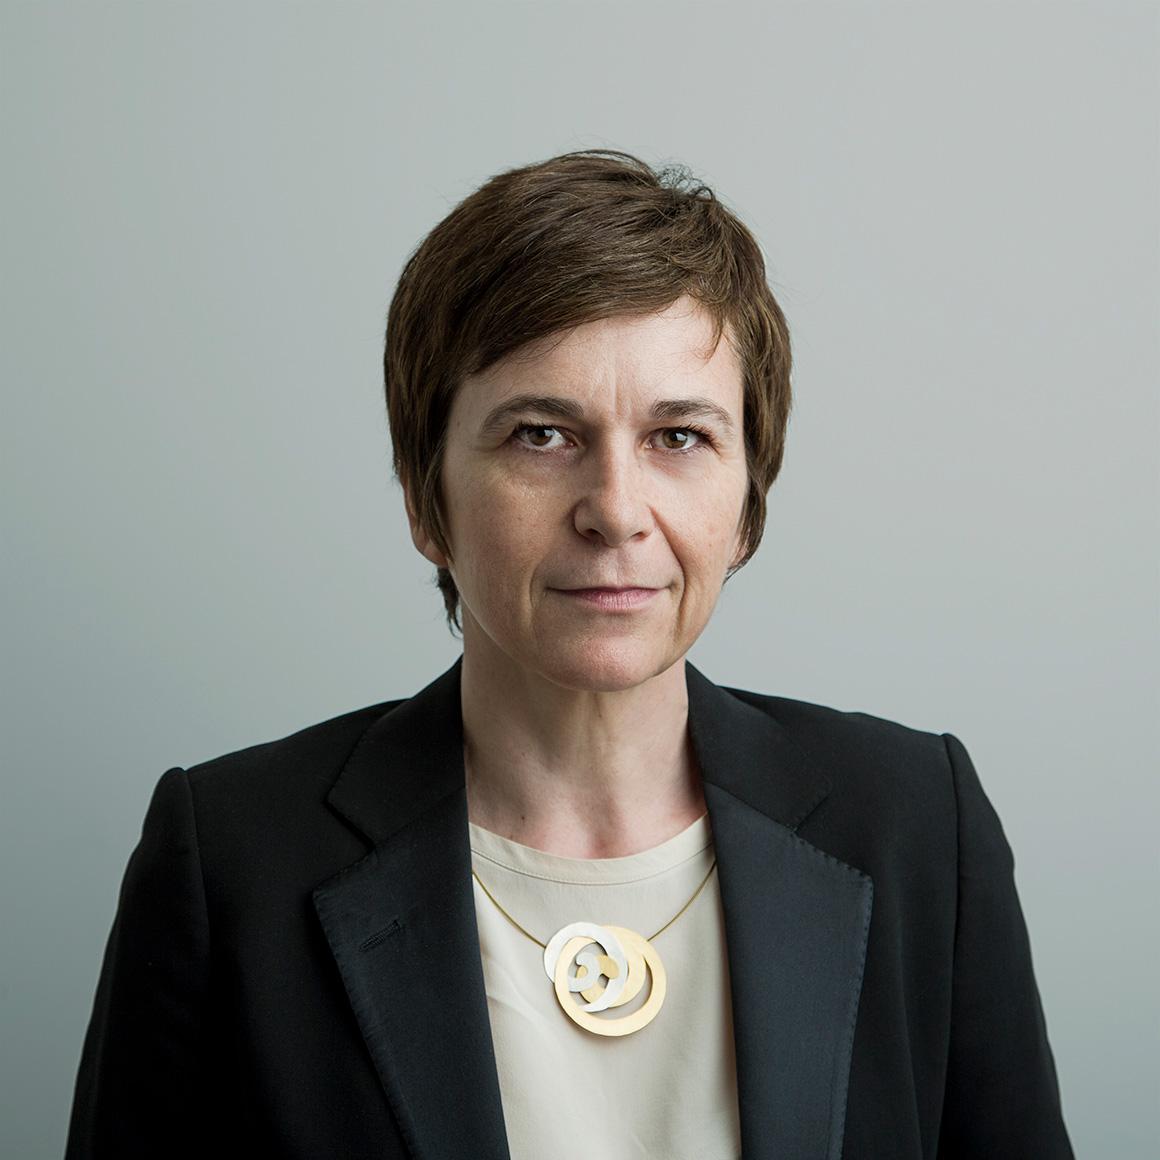 Agnès Peyrot des Gachons, Avocat associée | Ellipse Avocats Avocats spécialisés en Droit du Travail et des Relations Sociales